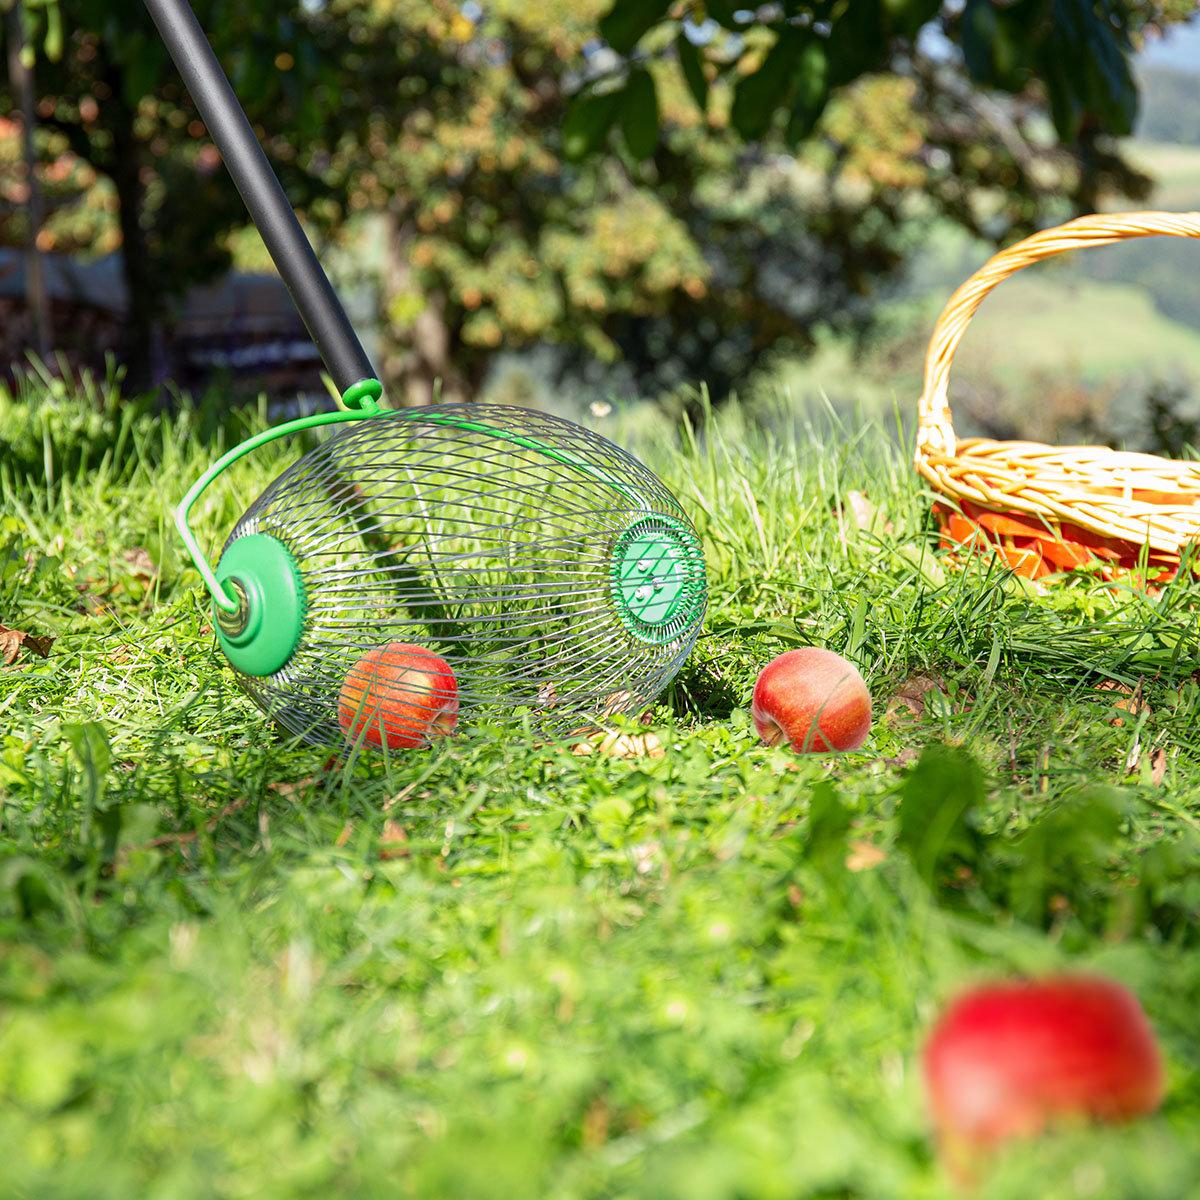 Apfel- und Nuss-Sammler mit Teleskopstiel | #7